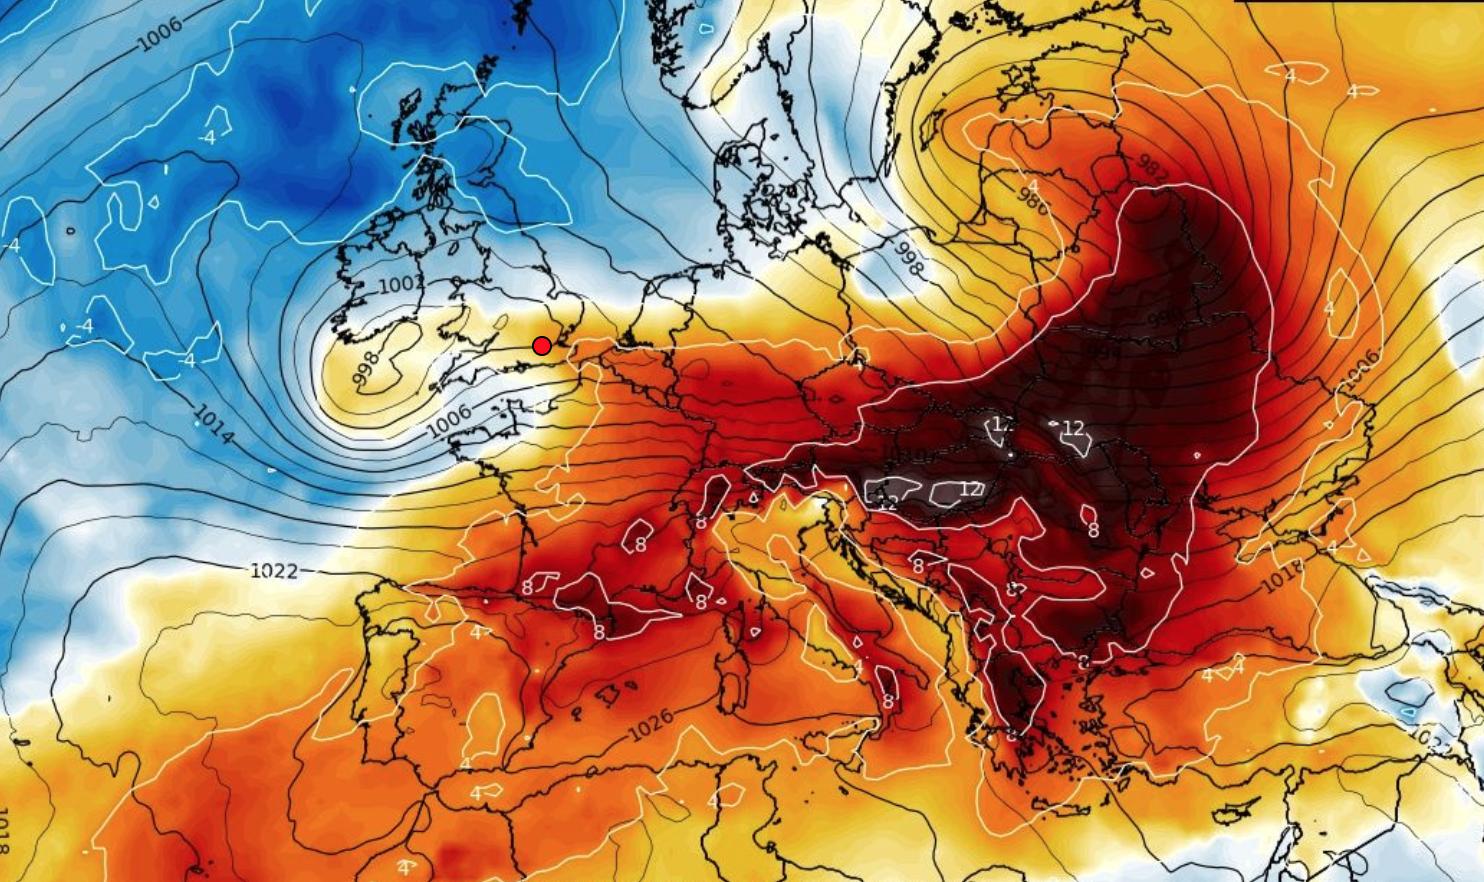 Il Freddo Quando Arriva meteo inverno 2020: quasi inesistente. quando arriverà il